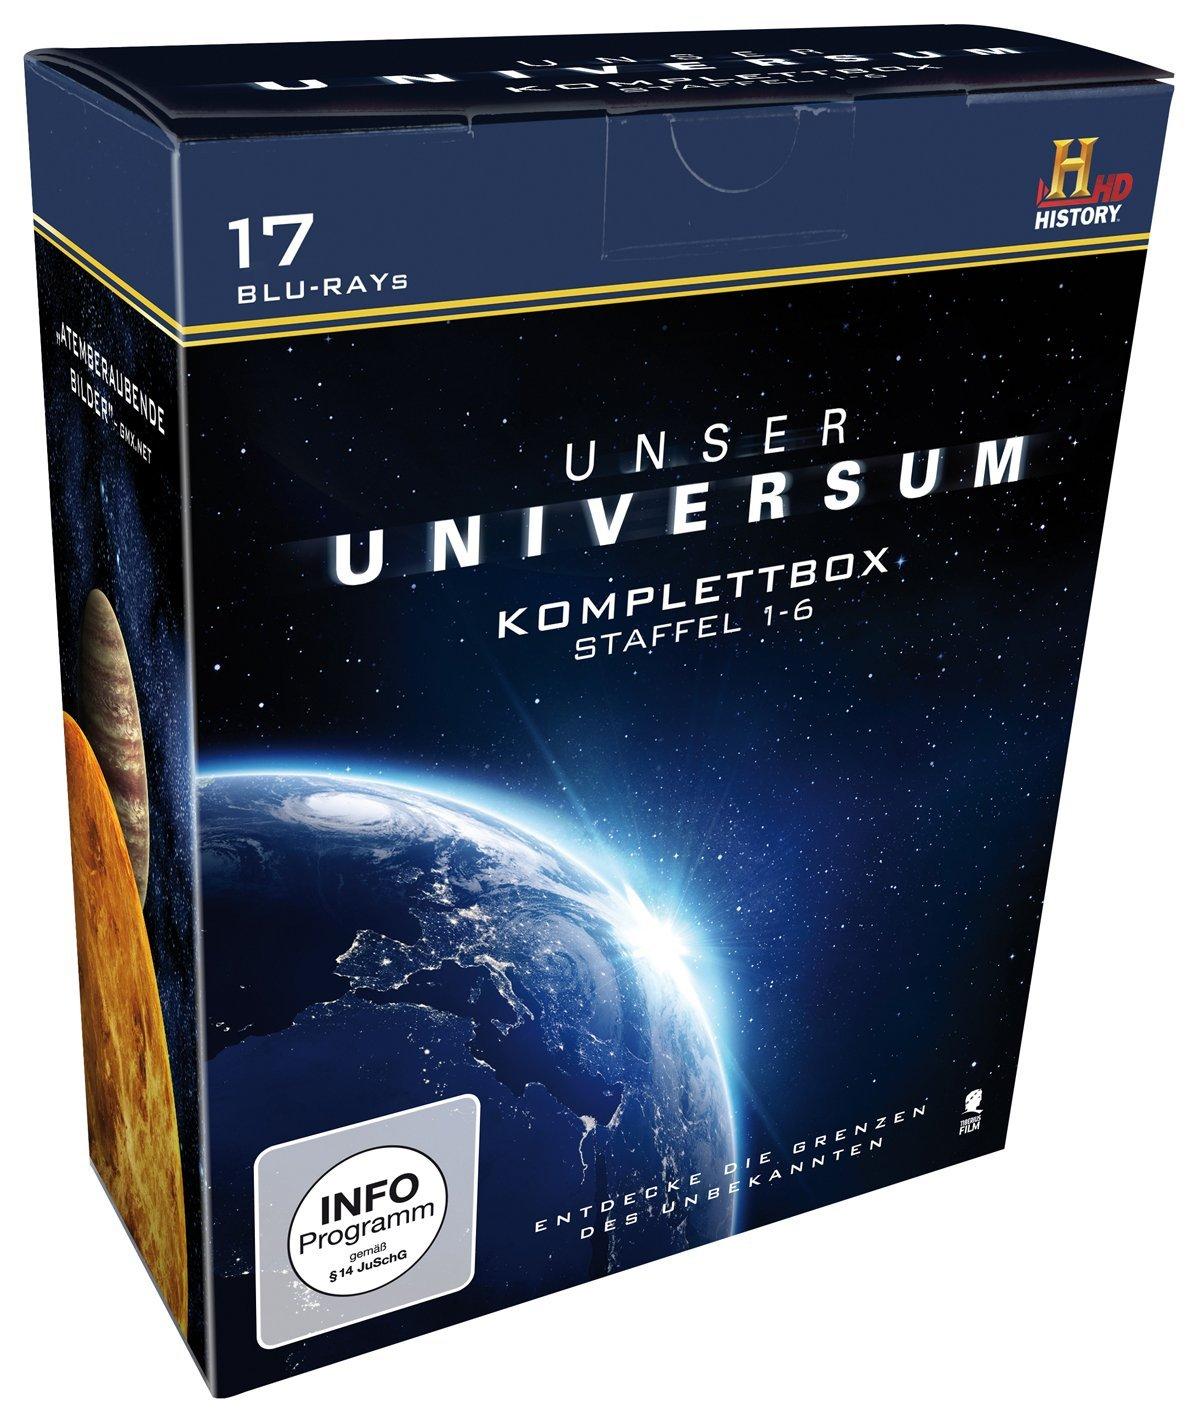 Unser Universum - Die Komplettbox, Staffel 1-6 (Blu-ray) für 18,97€ (Amazon Prime)